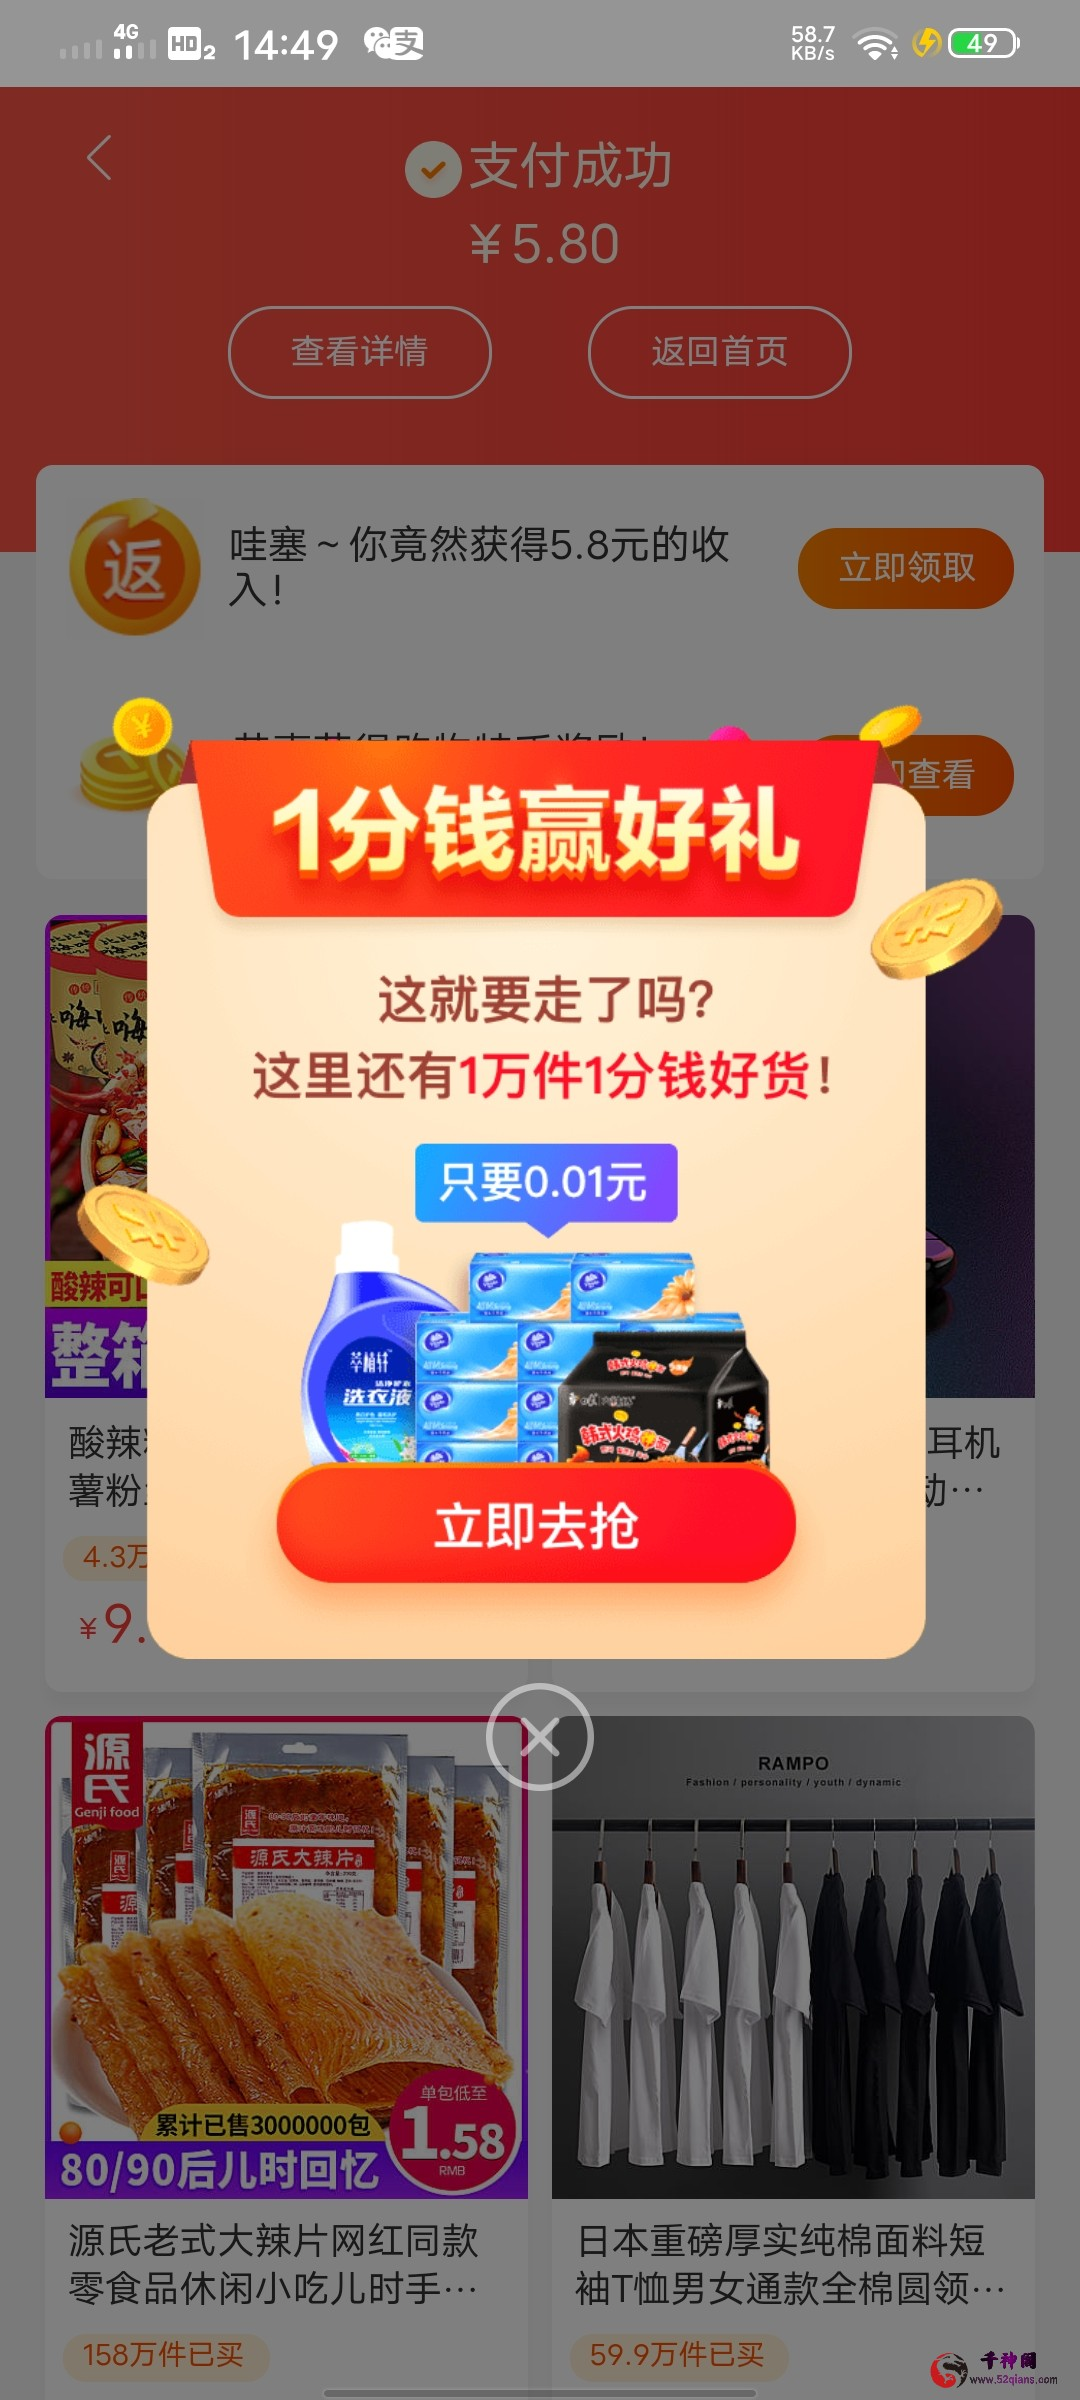 Screenshot_20200705_144914.jpg